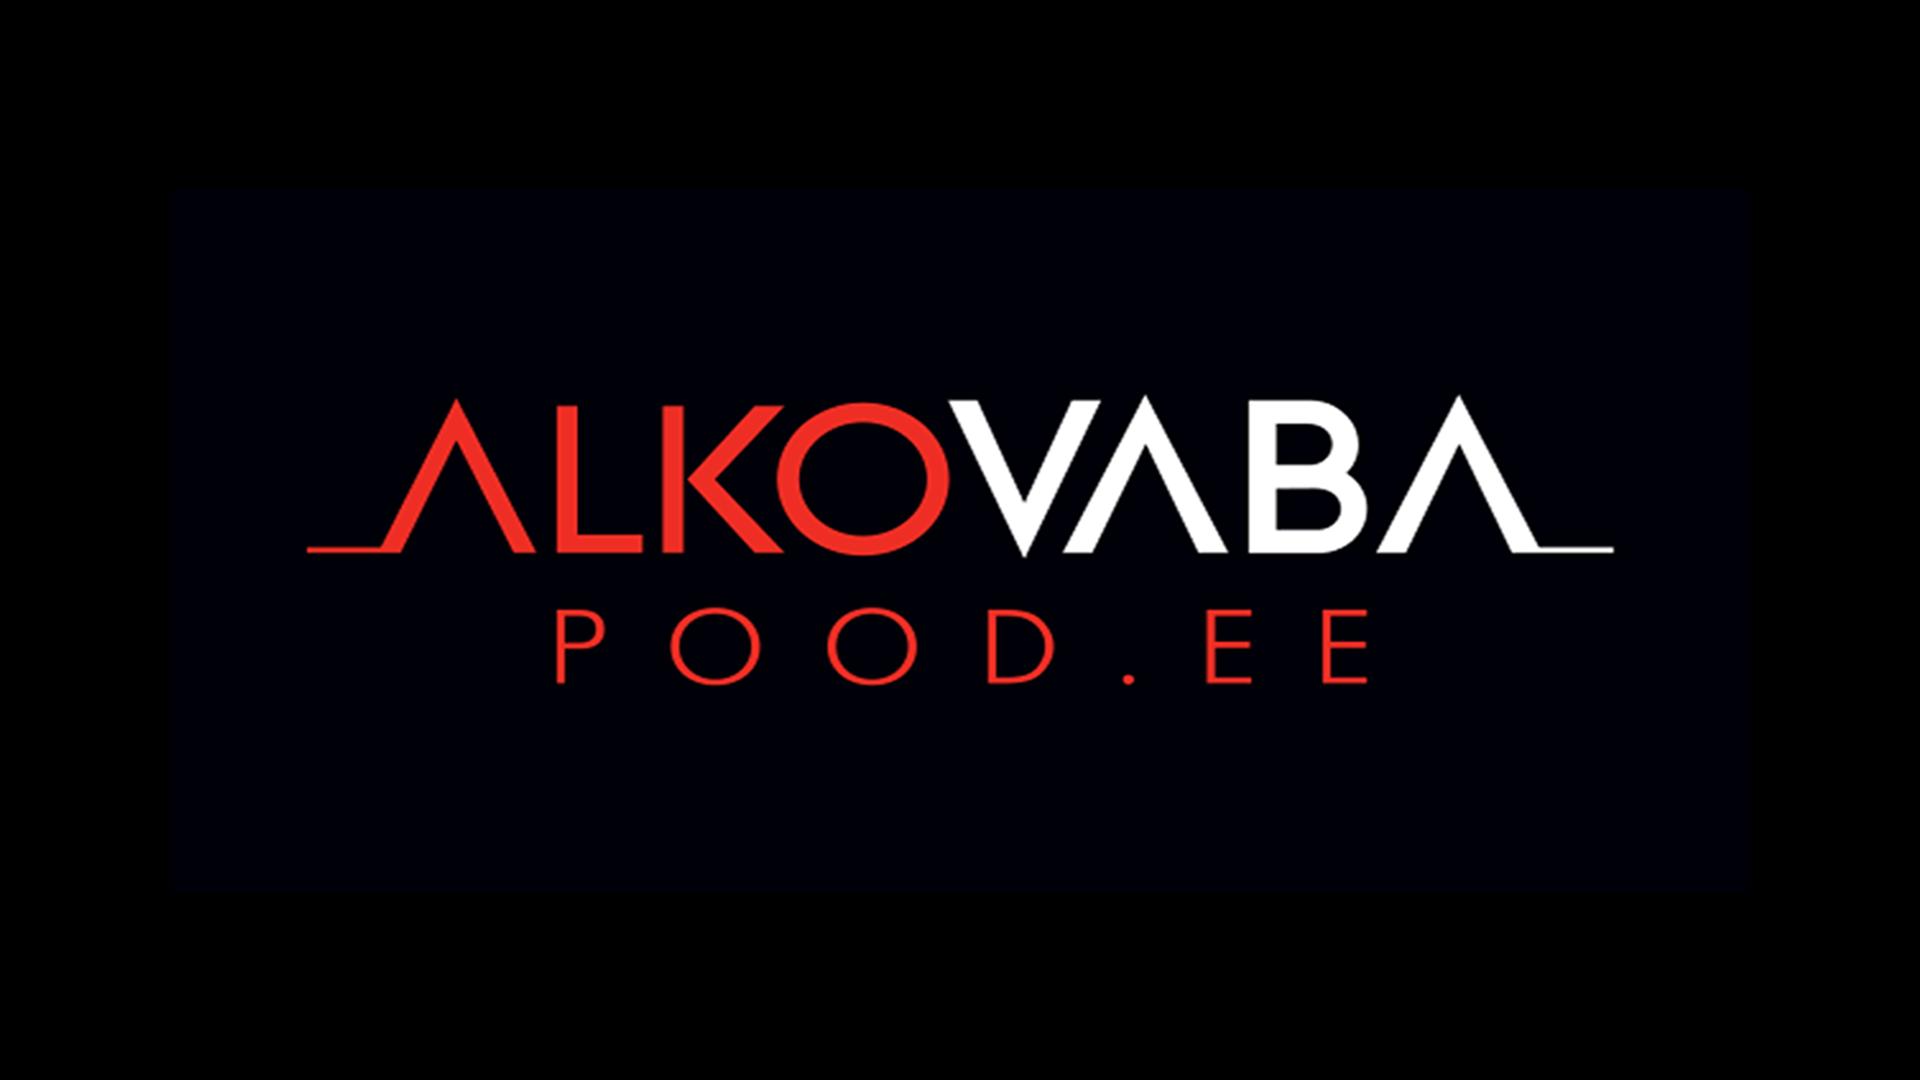 Mullfest Pärnu mullitab alkovabapood logo taustaga[1]